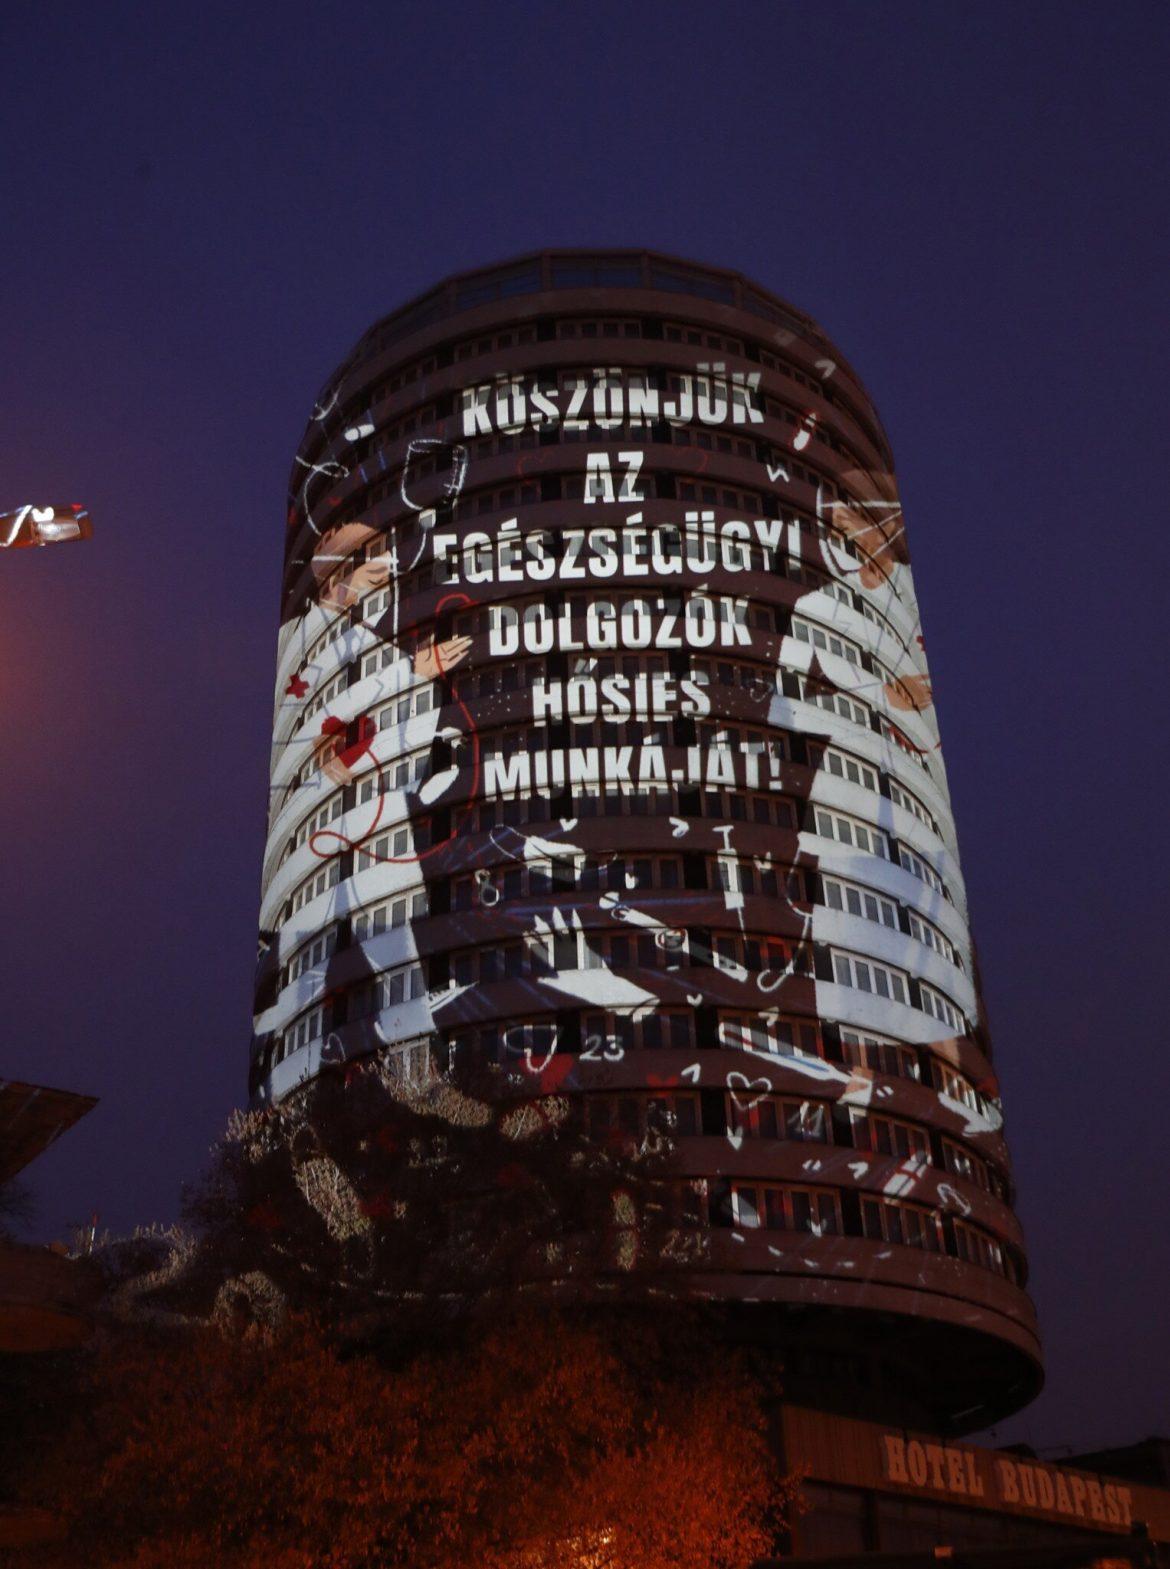 danubius hotel körszálló fényfestés köszönet egészségügyi dolgozóknak II. kerület